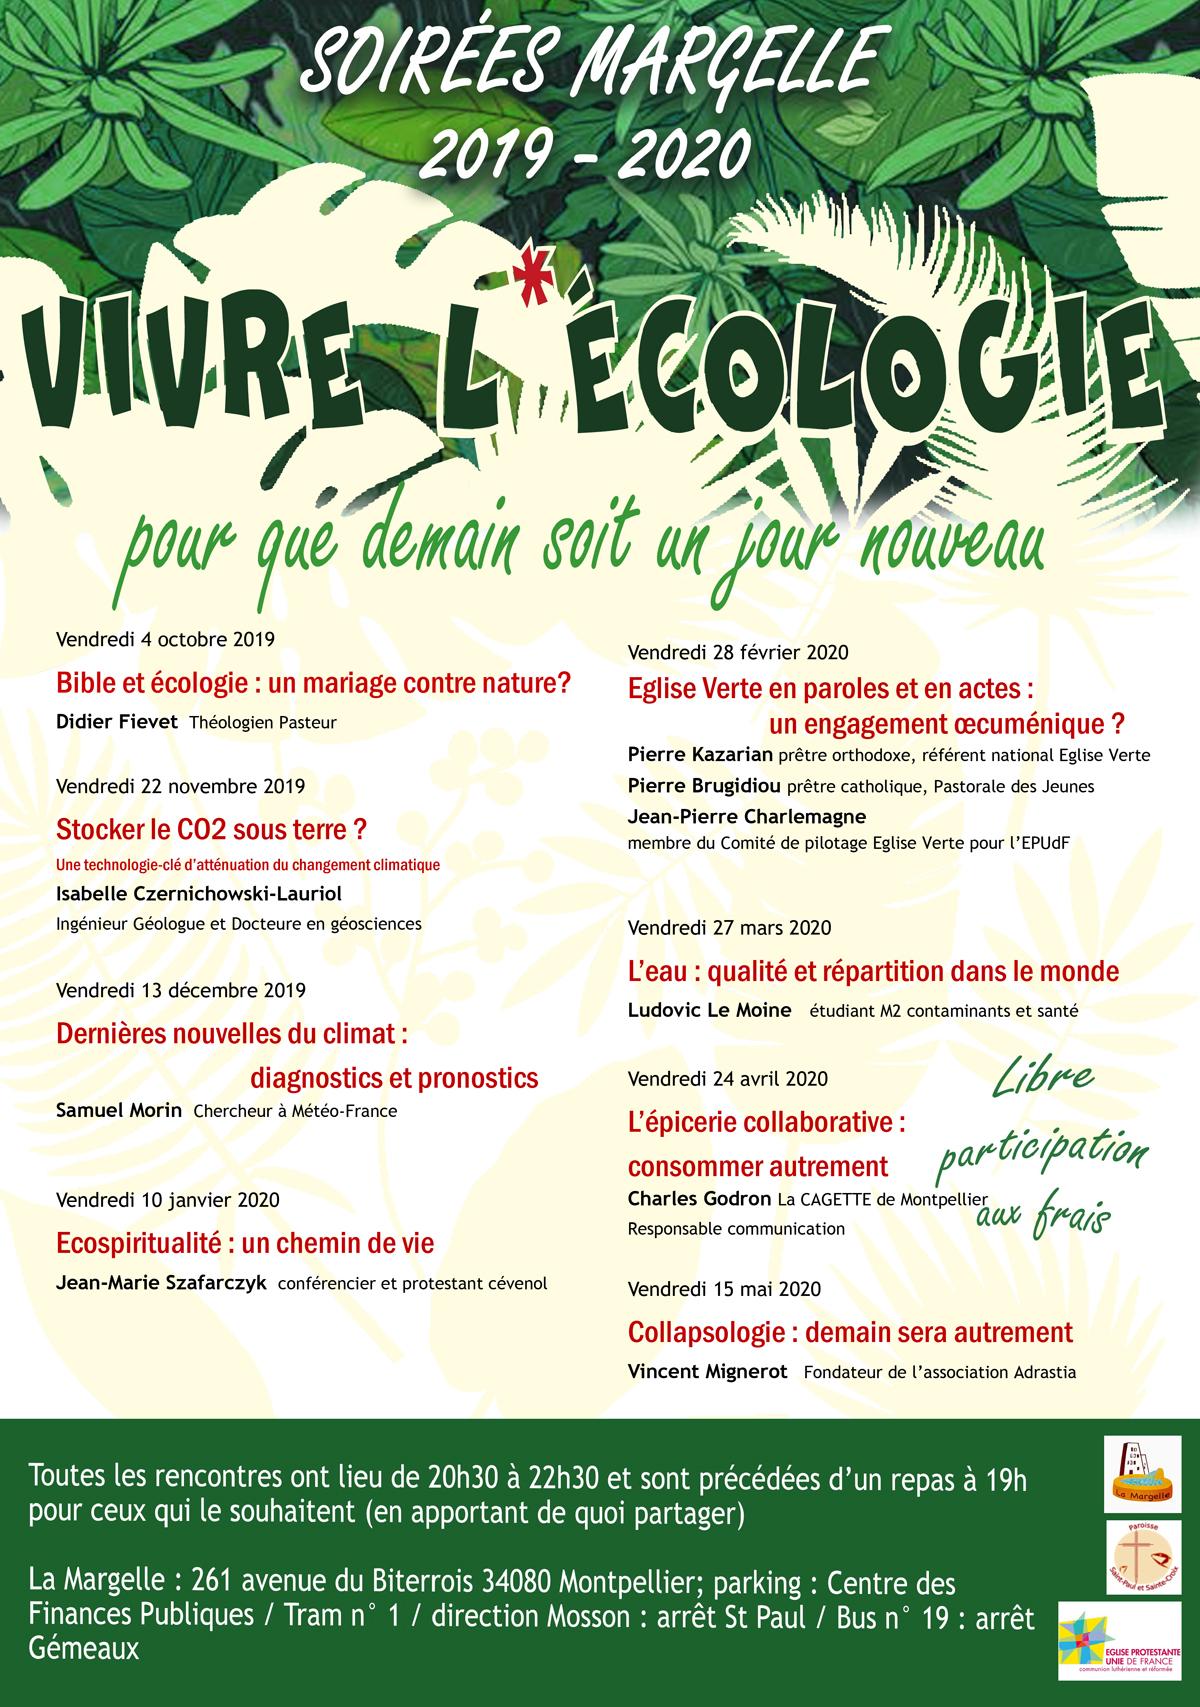 Soirées de la Margelle – Vivre l'écologie – 4 octobre, 22 novembre, 13 décembre, 10 janvier, 28 février, 27 mars, 24 avril & 15 mai à Montpellier (34)